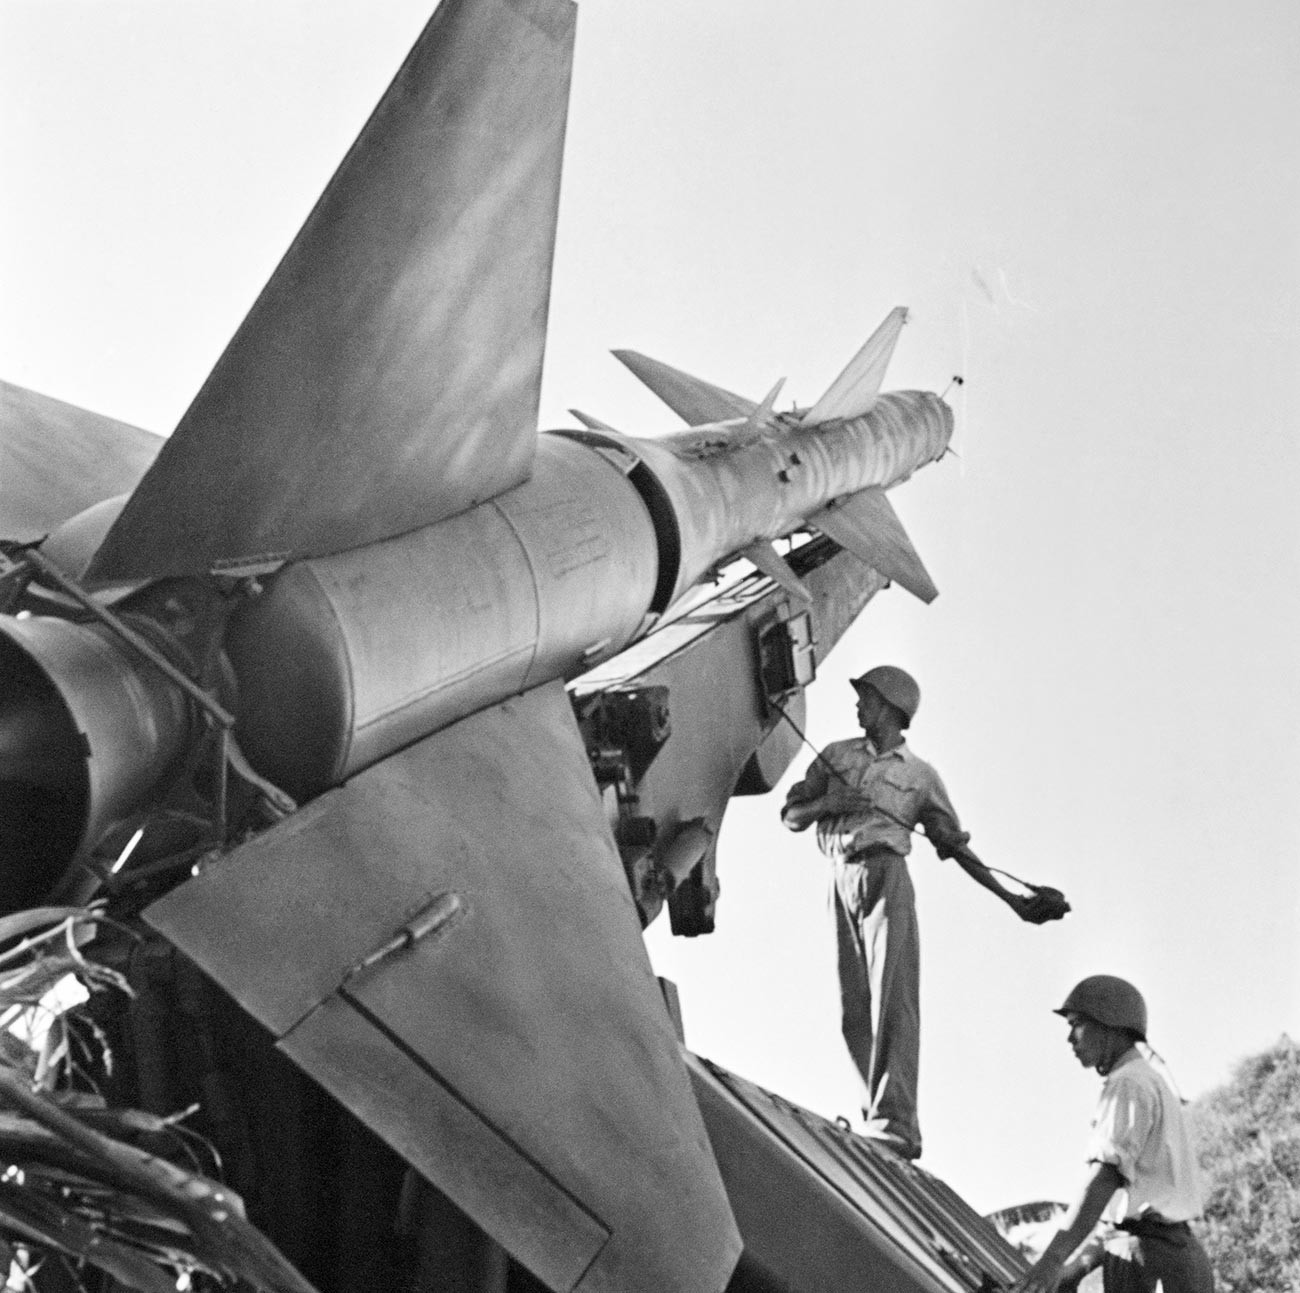 Бойцы Вьетнамской Народной Армии рядом с одной из боевых ракет для защиты от налетов авиации США во время войны во Вьетнаме.